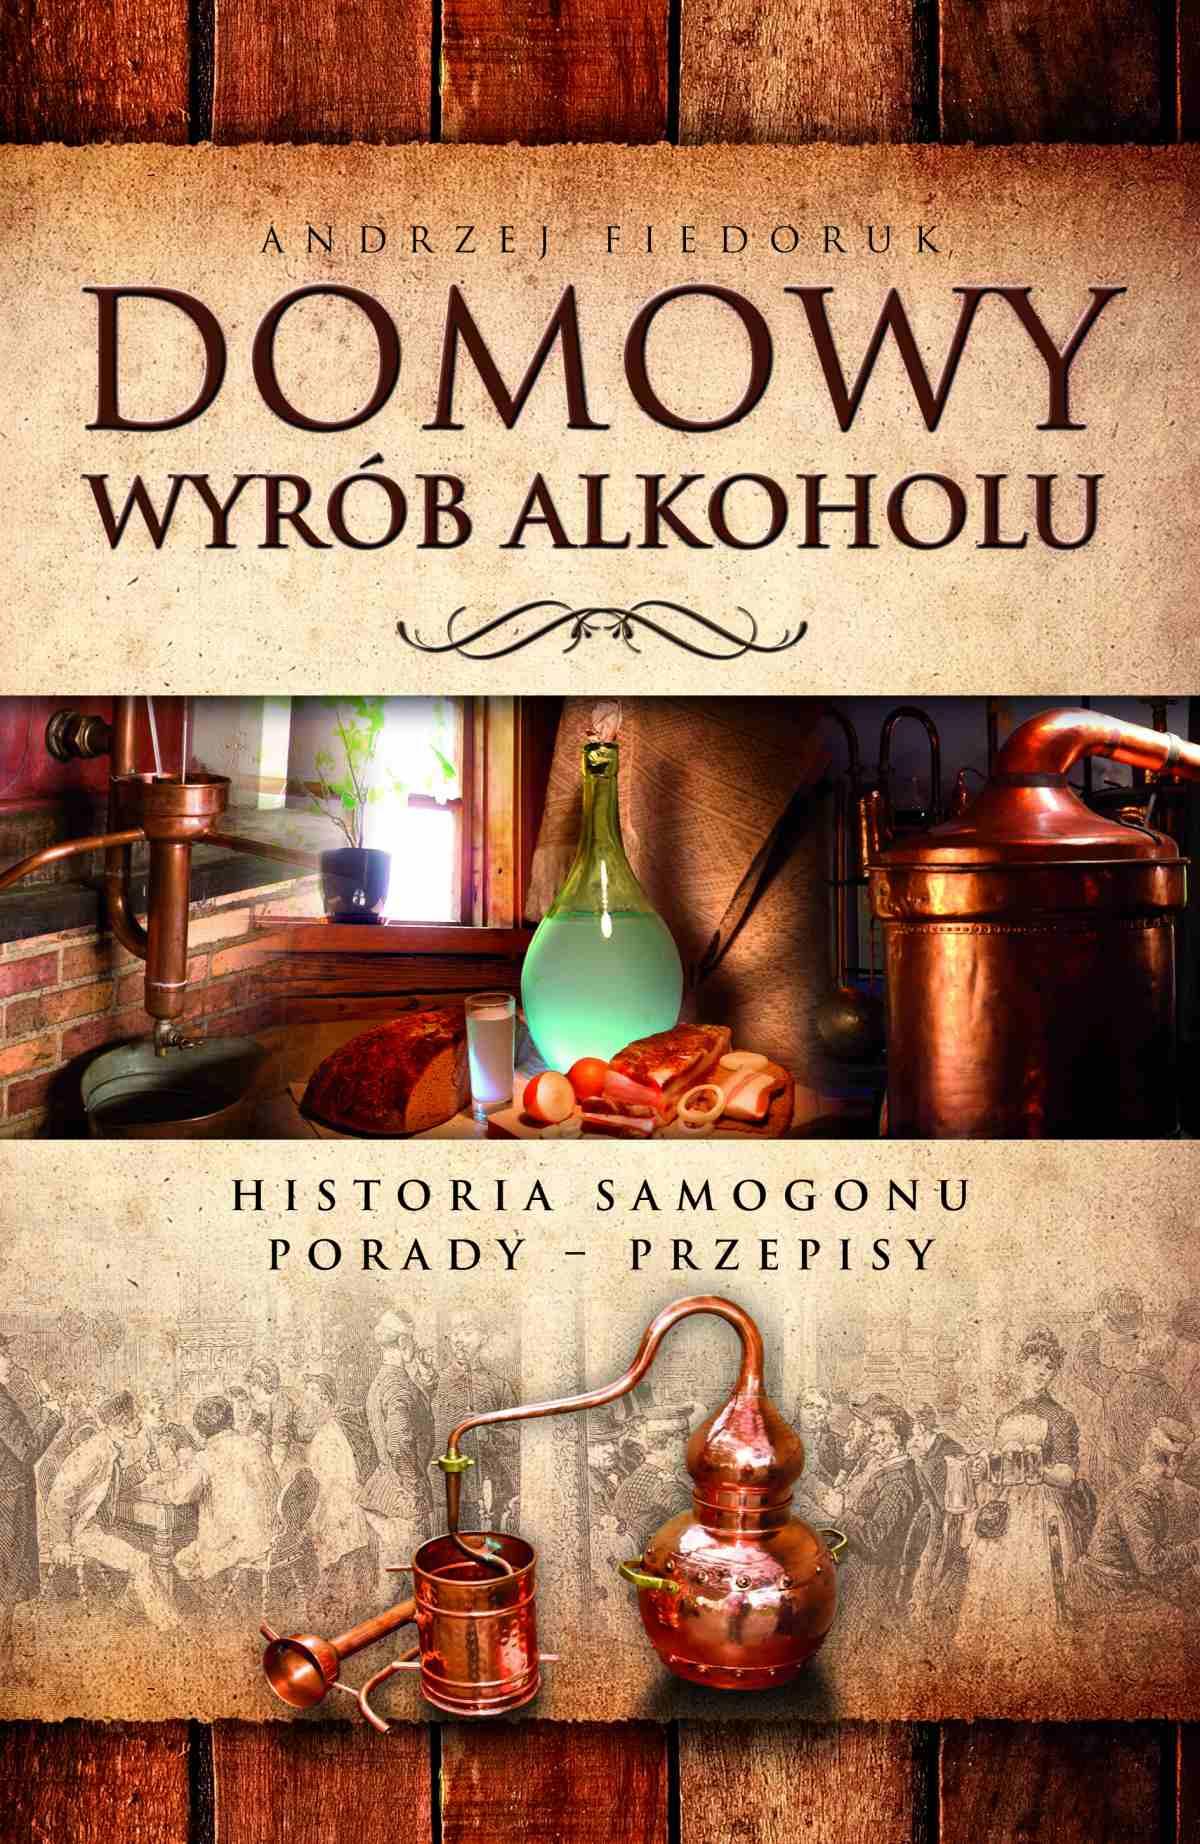 Domowy wyrób alkoholu. Historia samogonu - Ebook (Książka PDF) do pobrania w formacie PDF